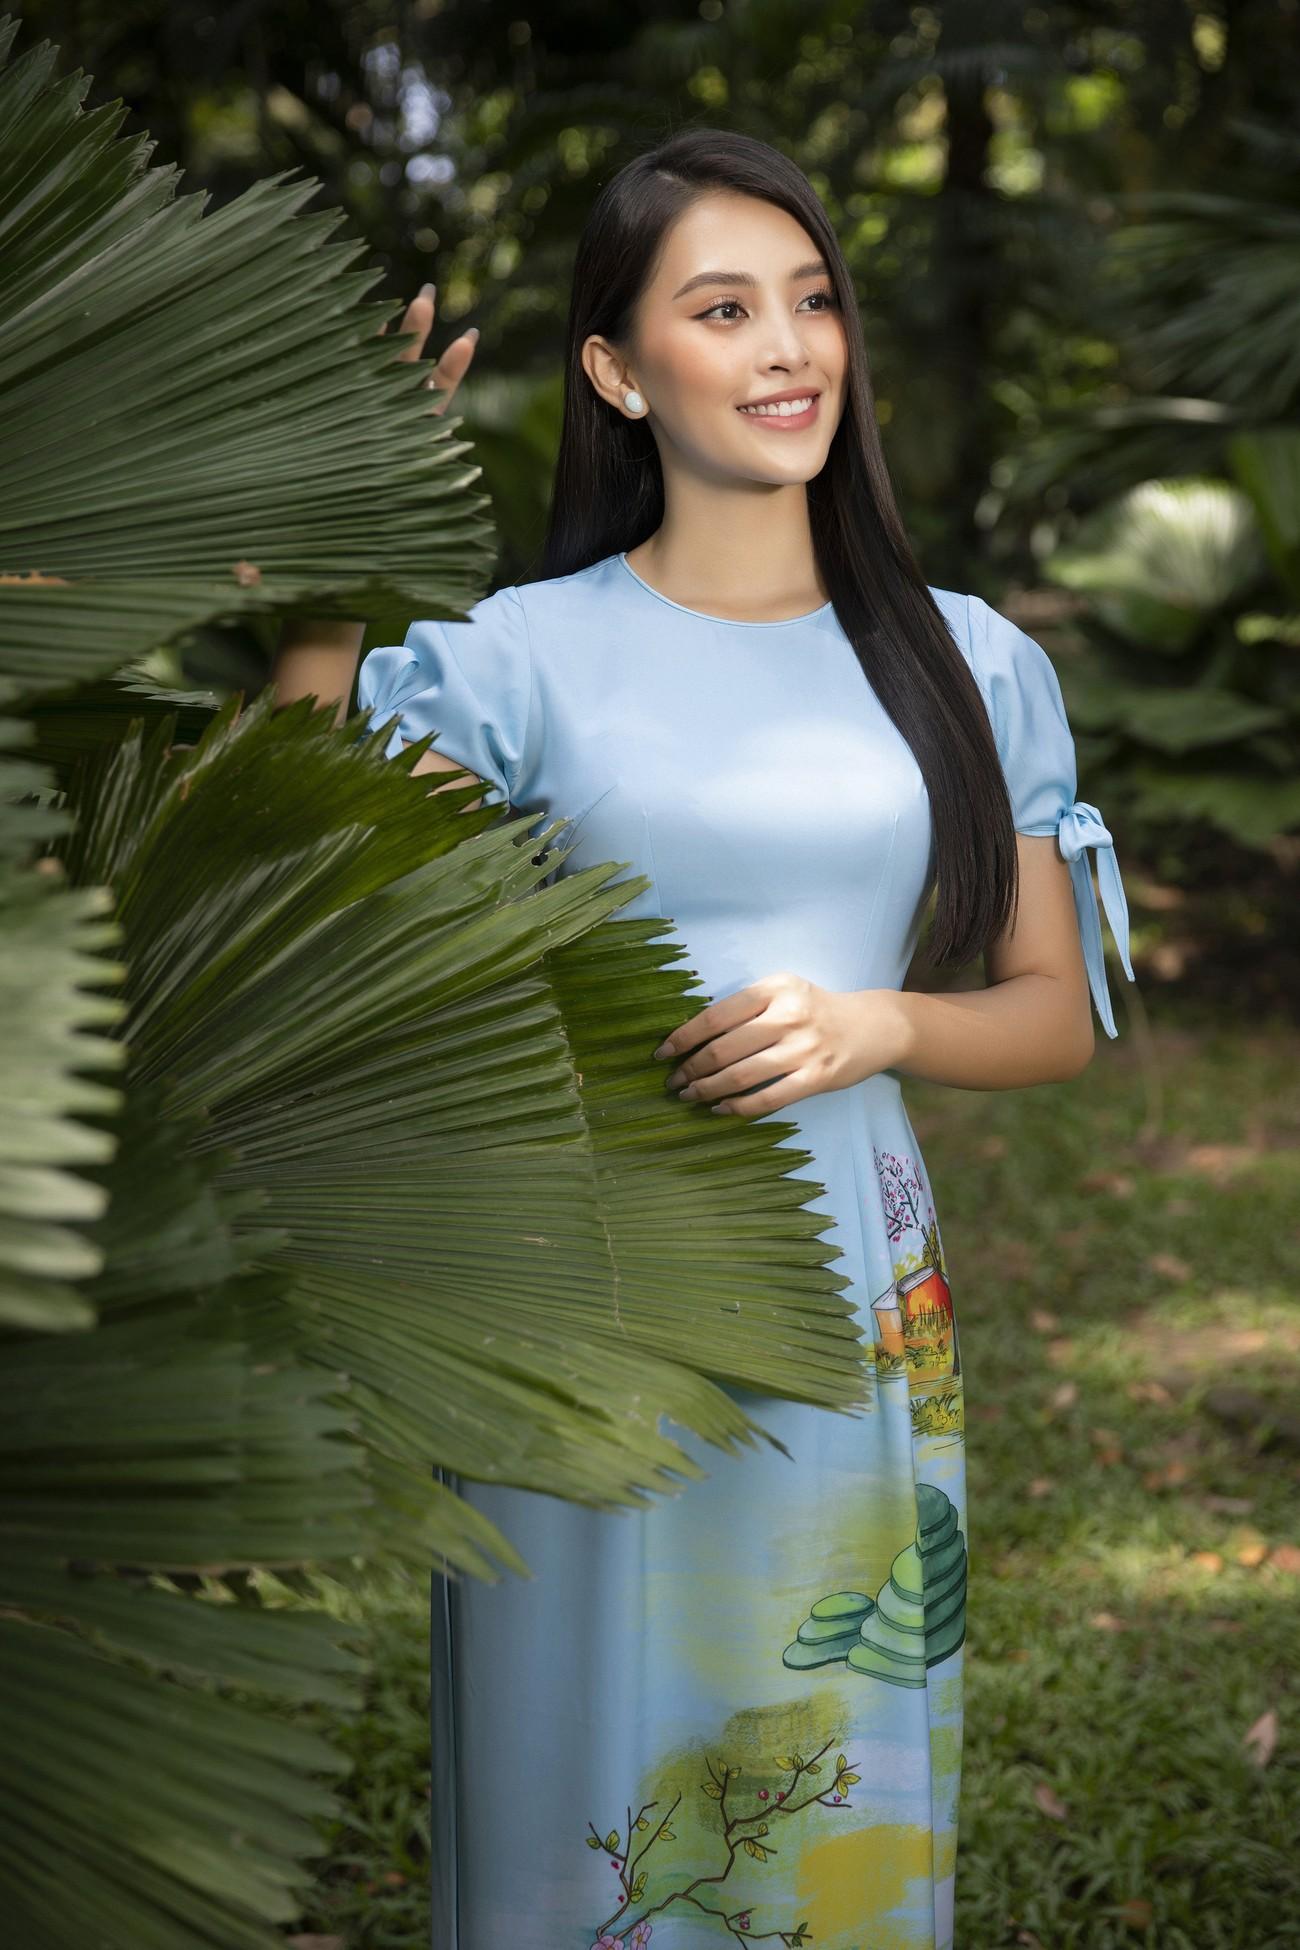 Hoa hậu Tiểu Vy khoe nhan sắc 'cực phẩm', đẹp tựa nàng thơ mùa xuân với áo dài Tết ảnh 7